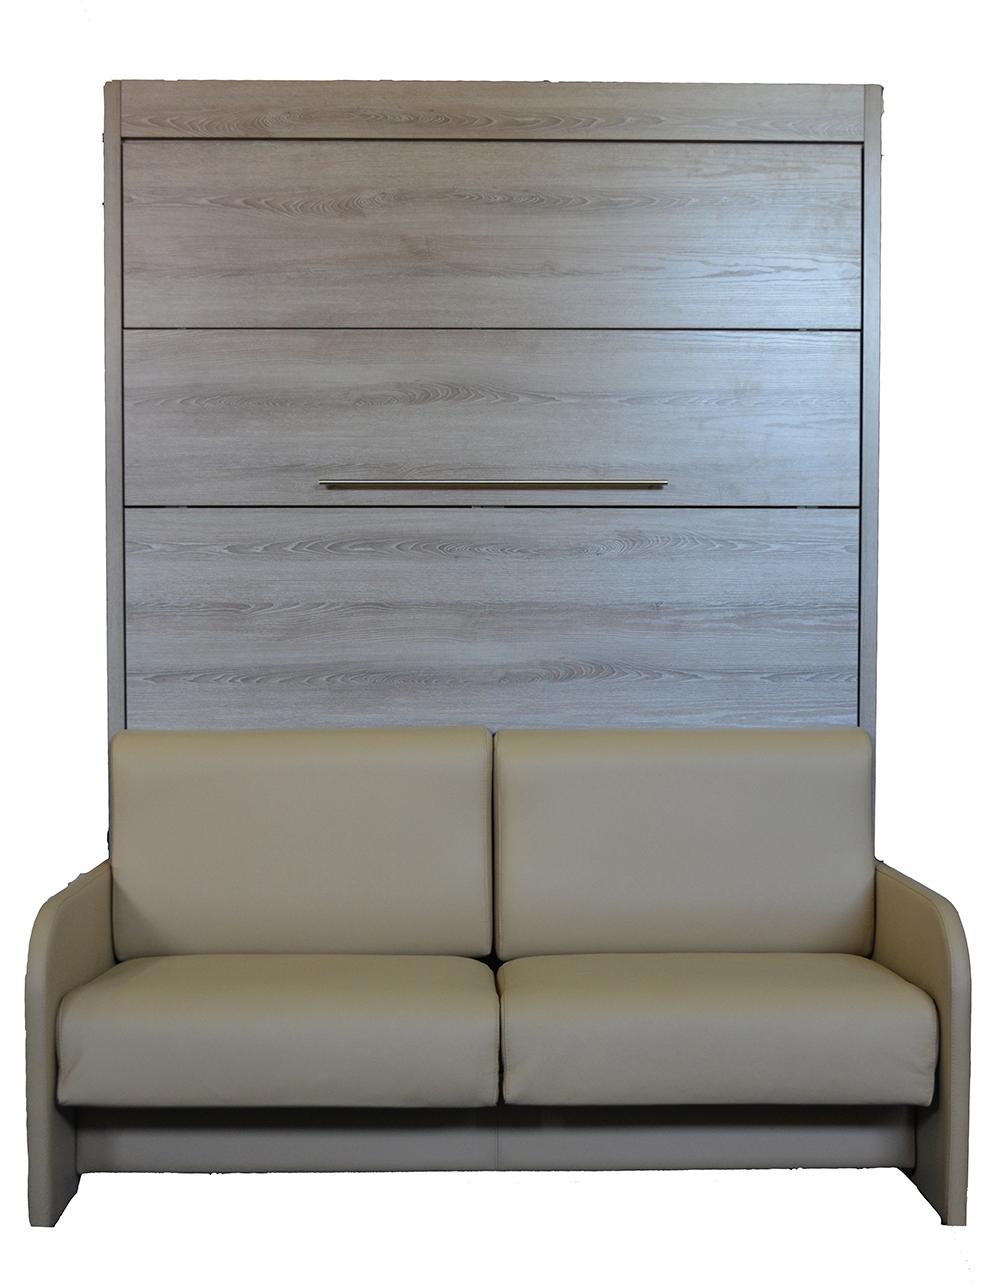 lit vertical autoporteur mod le rome urban confort nice. Black Bedroom Furniture Sets. Home Design Ideas